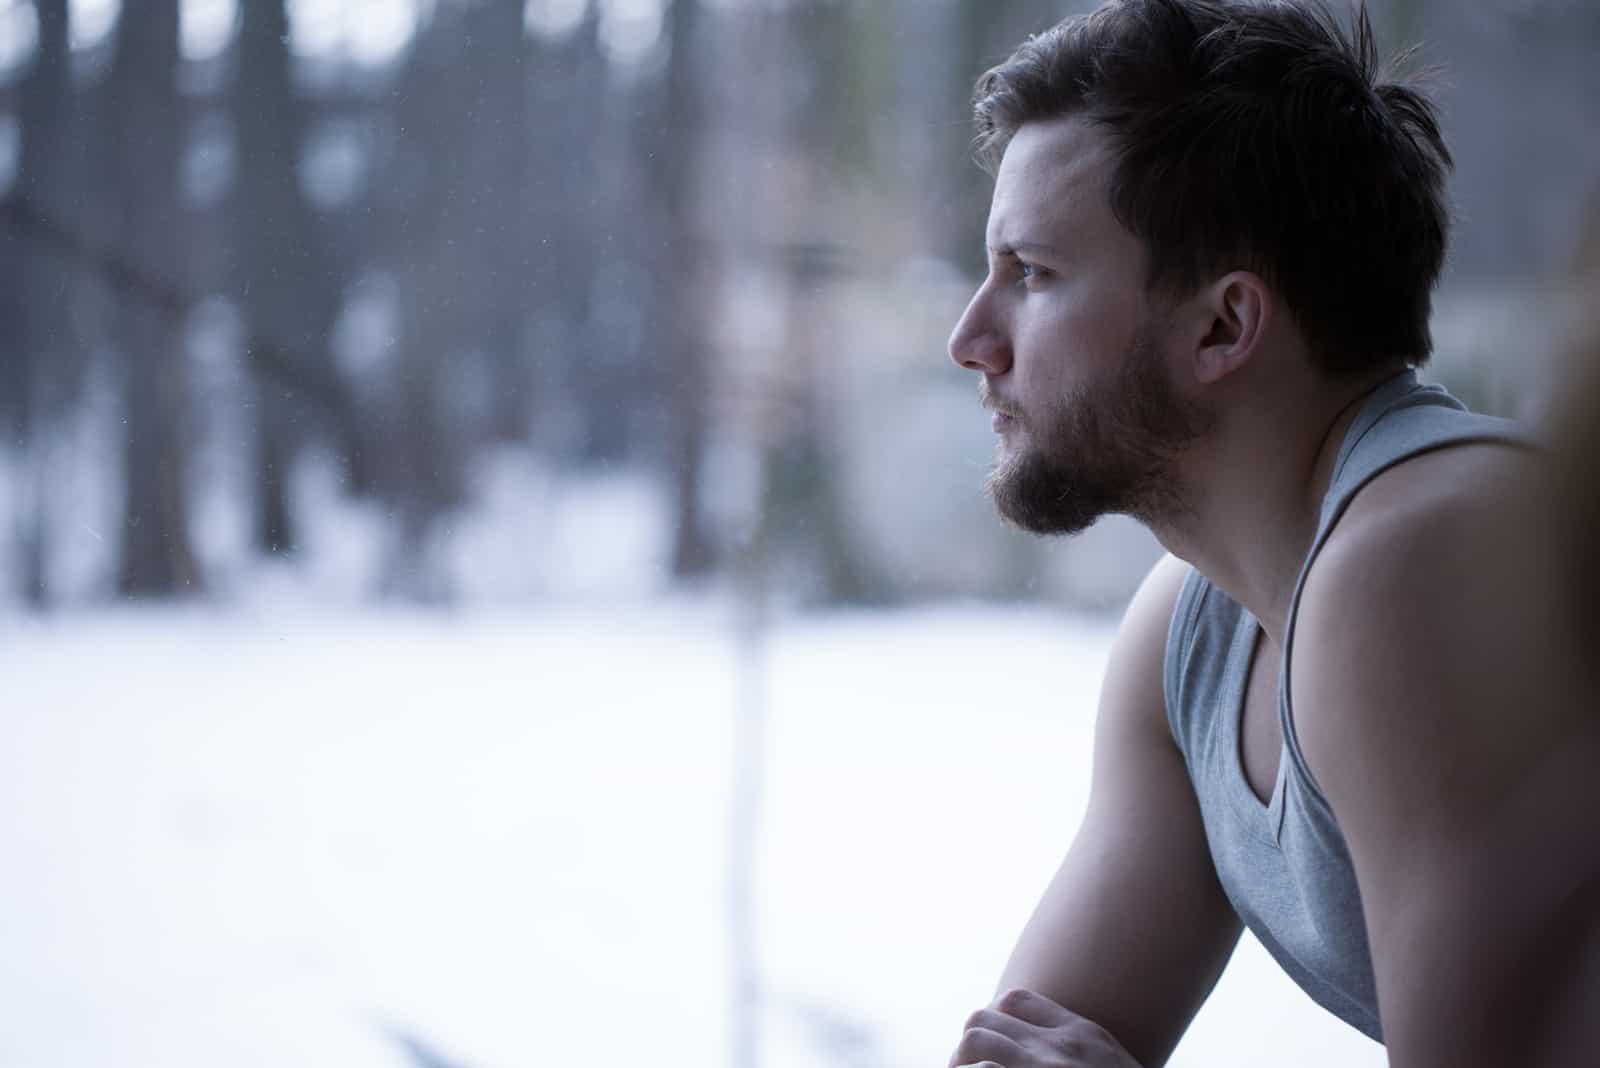 Mann, der durch das Fenster schaut und nachdenkt